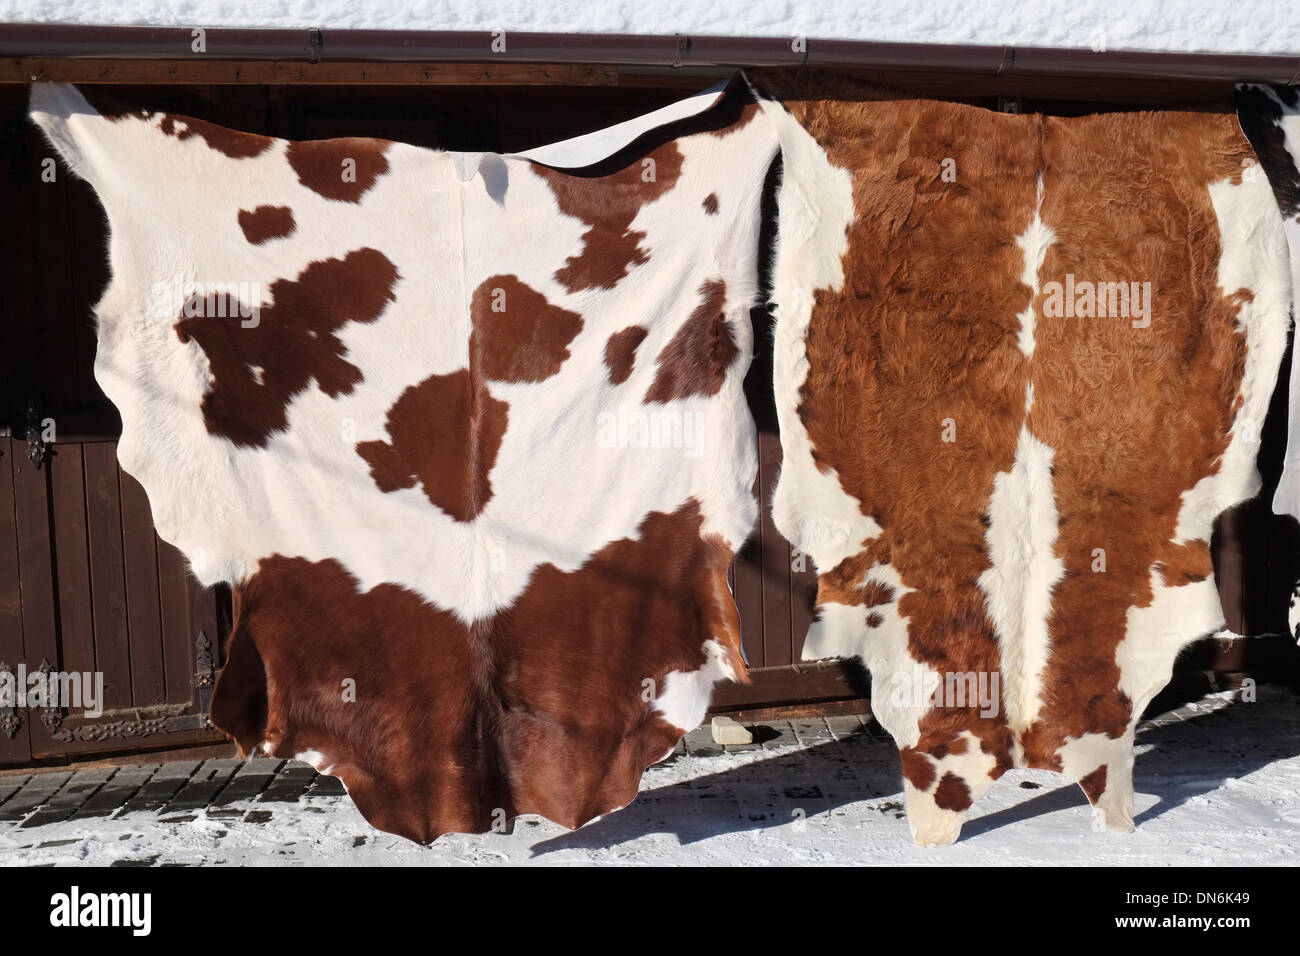 Kuh versteckt für den Verkauf auf dem Markt von Zakopane, Polen. Stockbild